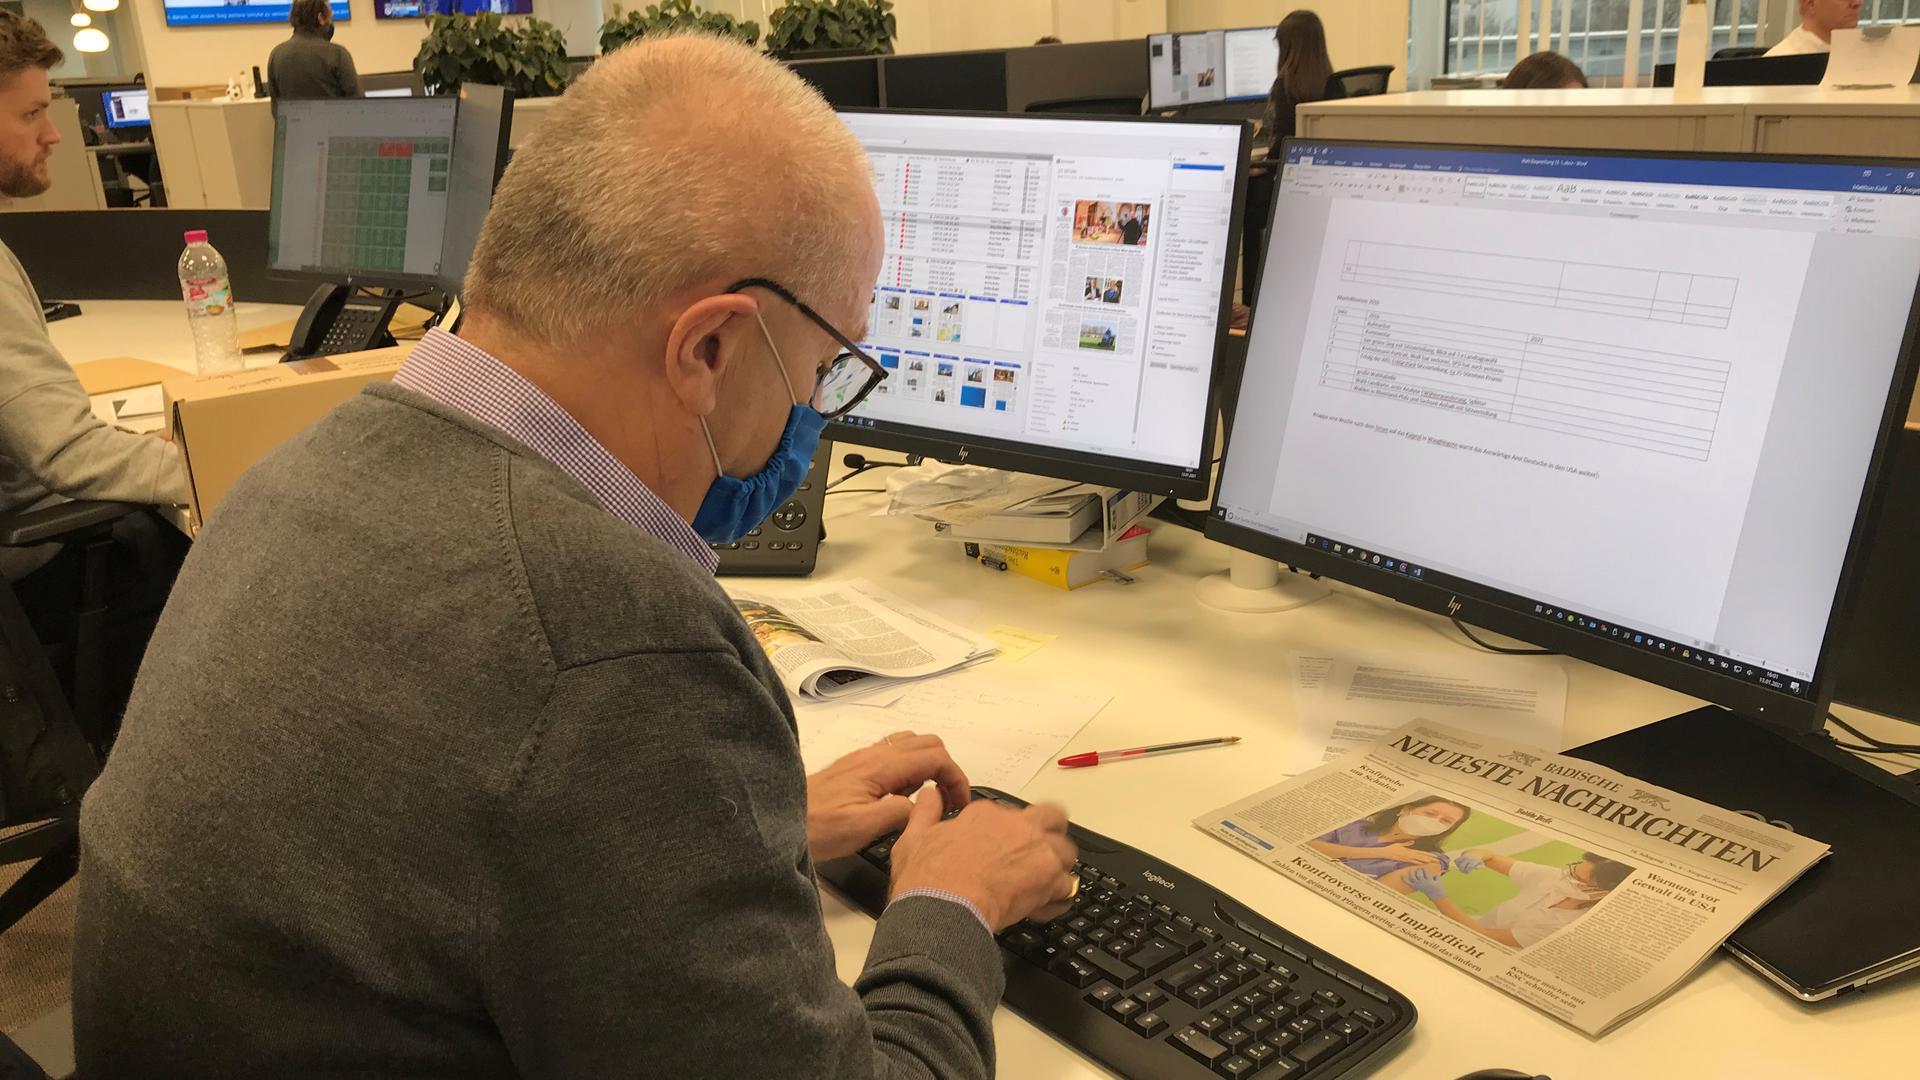 Mann tippt an einem Computer